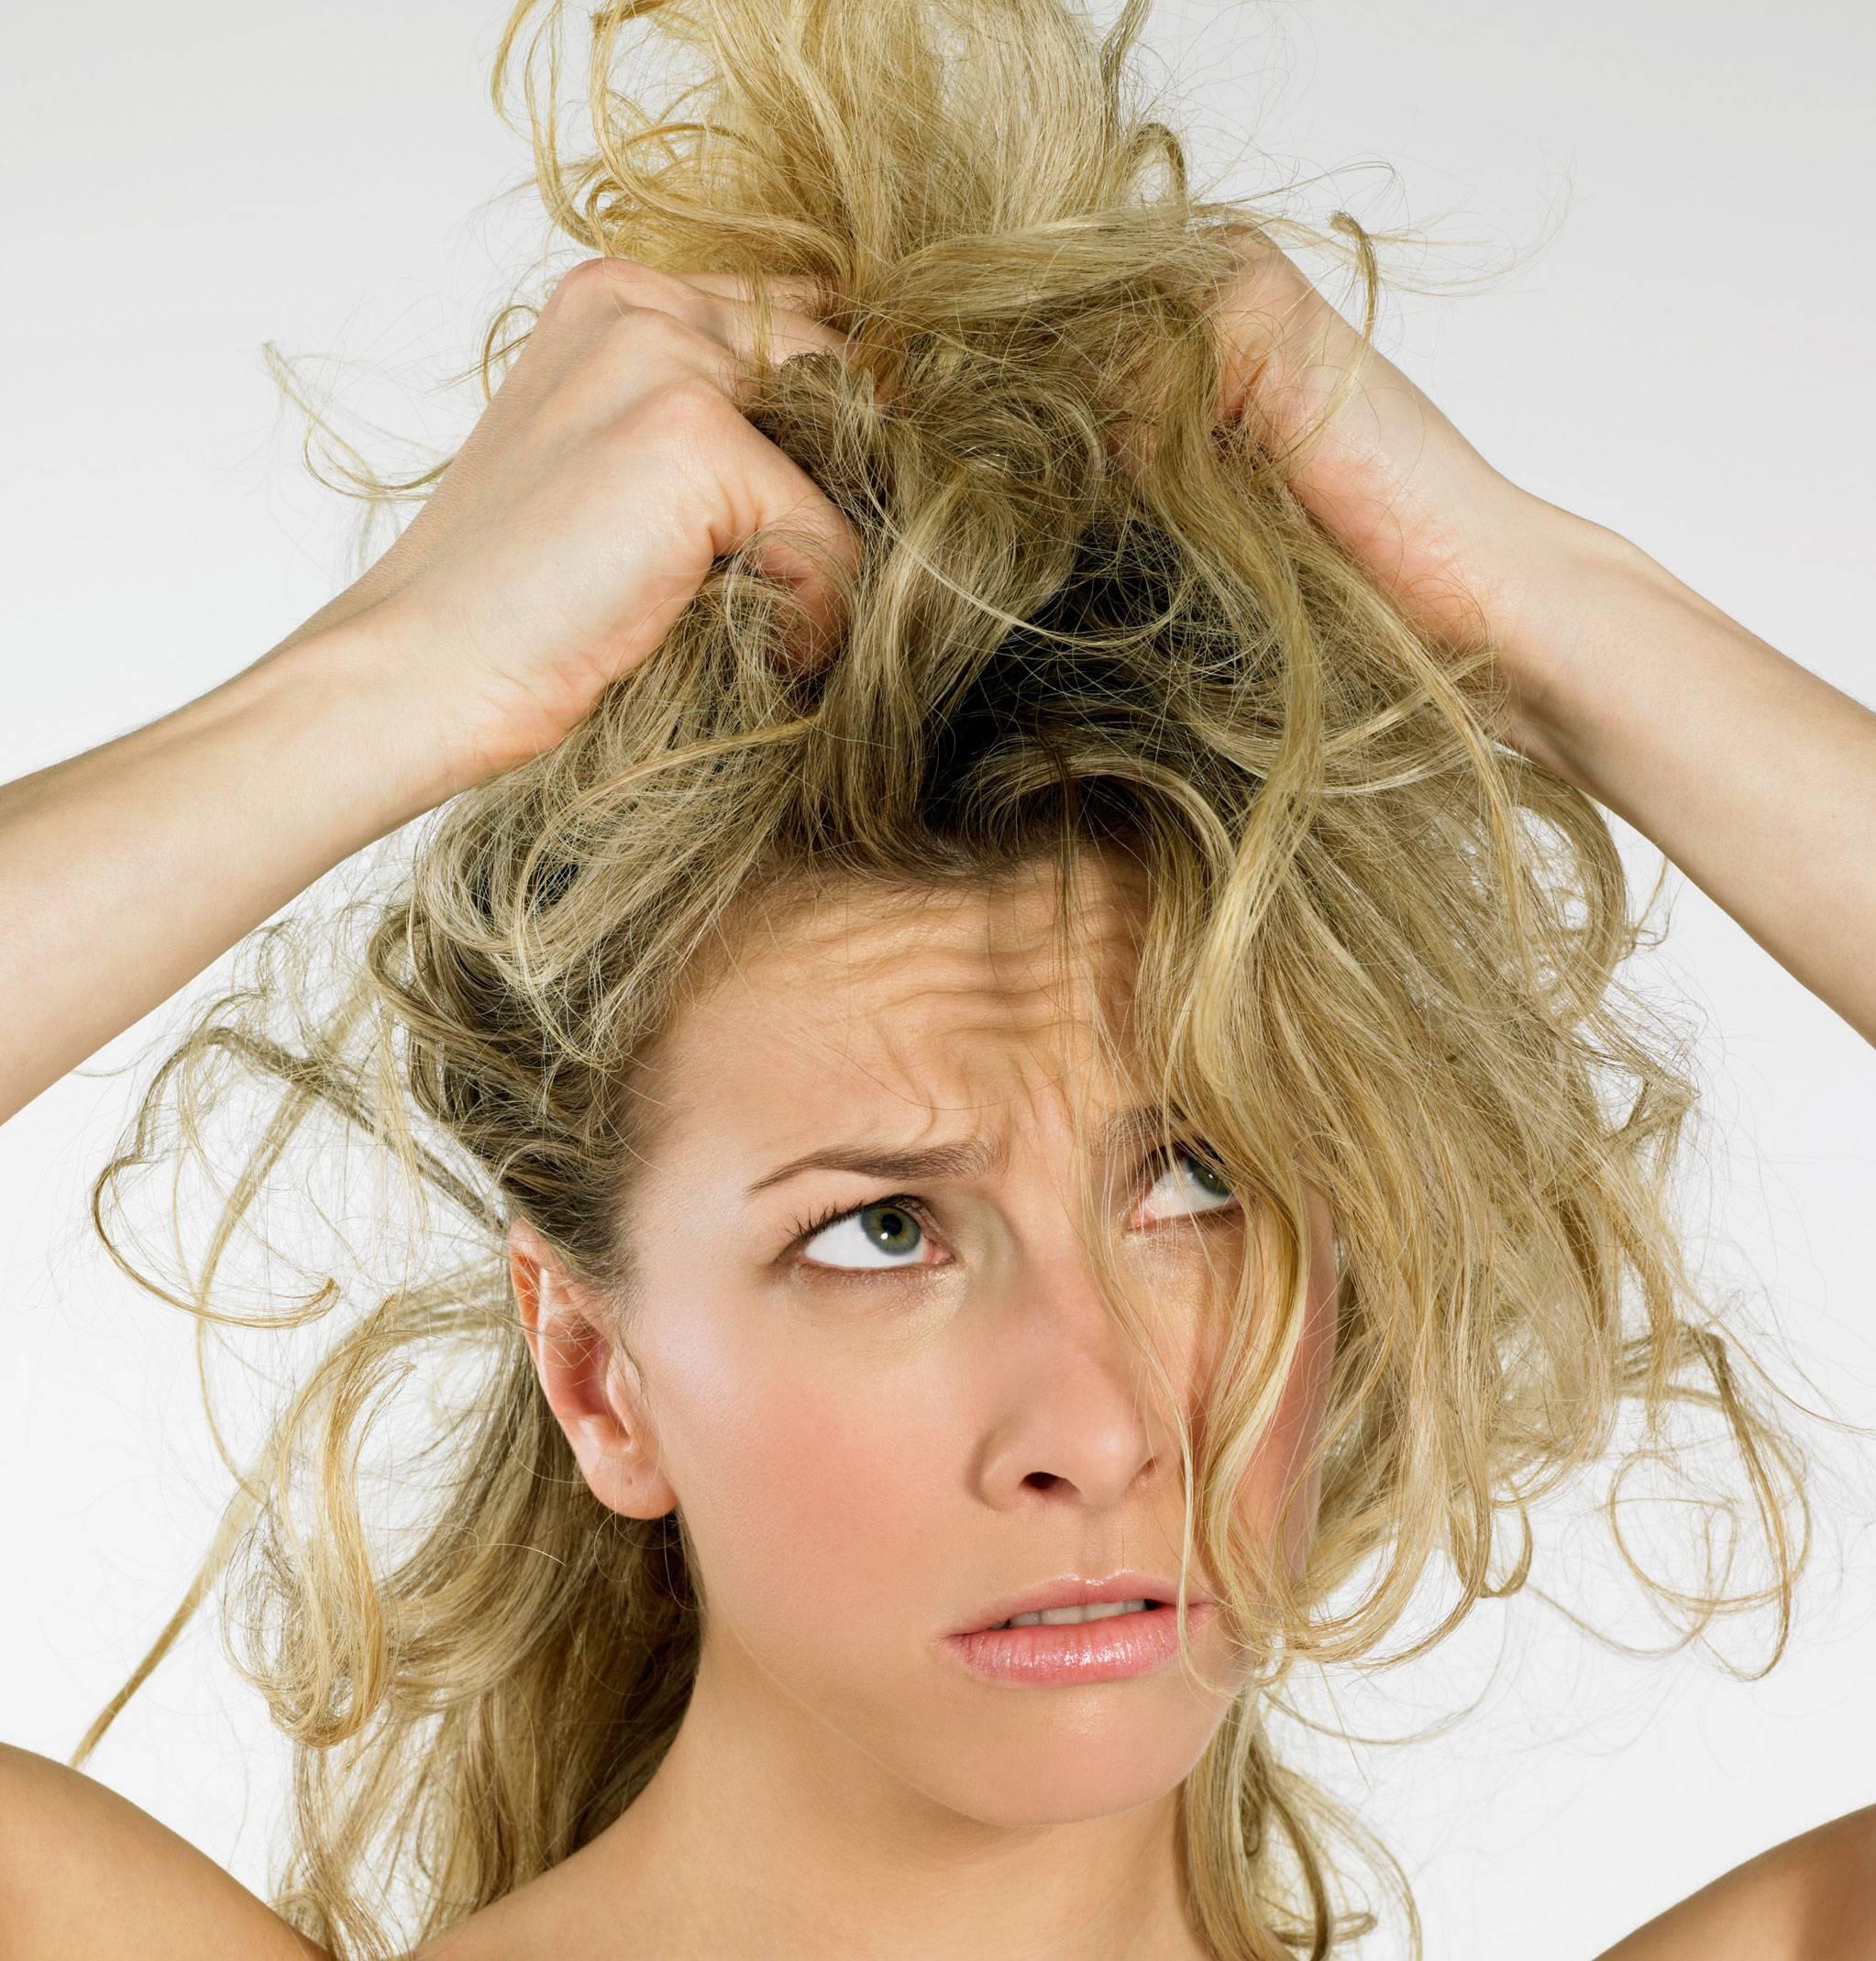 capelli danneggiati dal sole